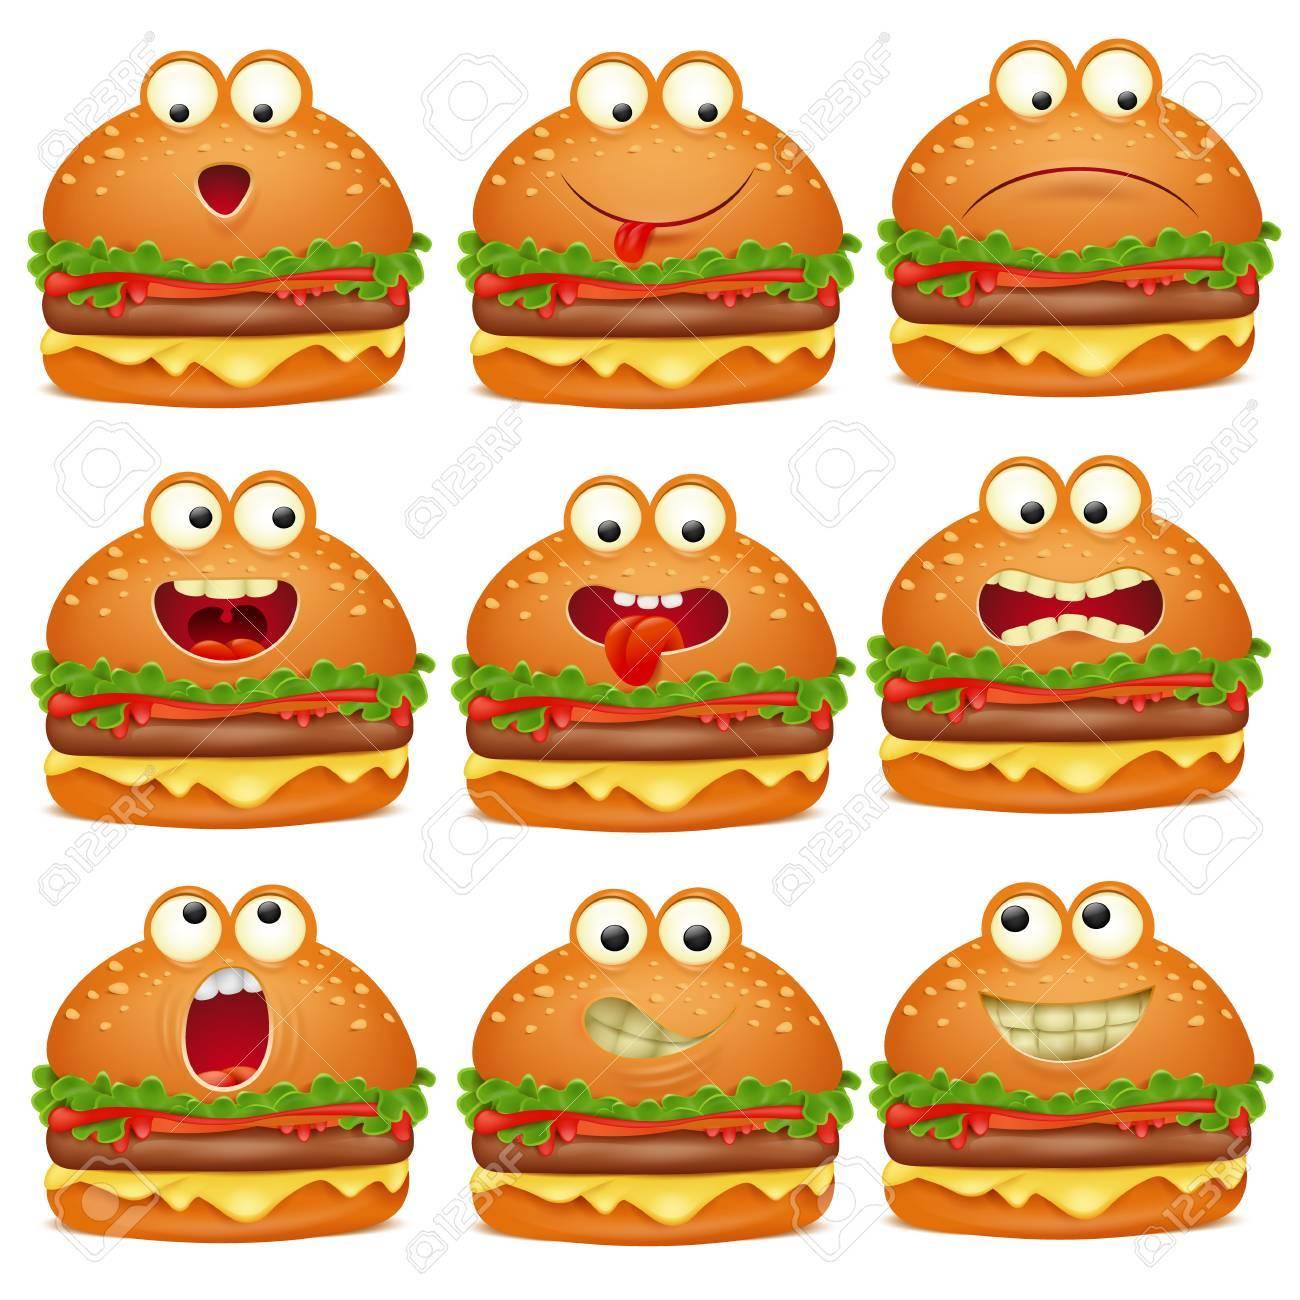 かわいい絵文字キャラクターのハンバーガー セットのイラスト素材